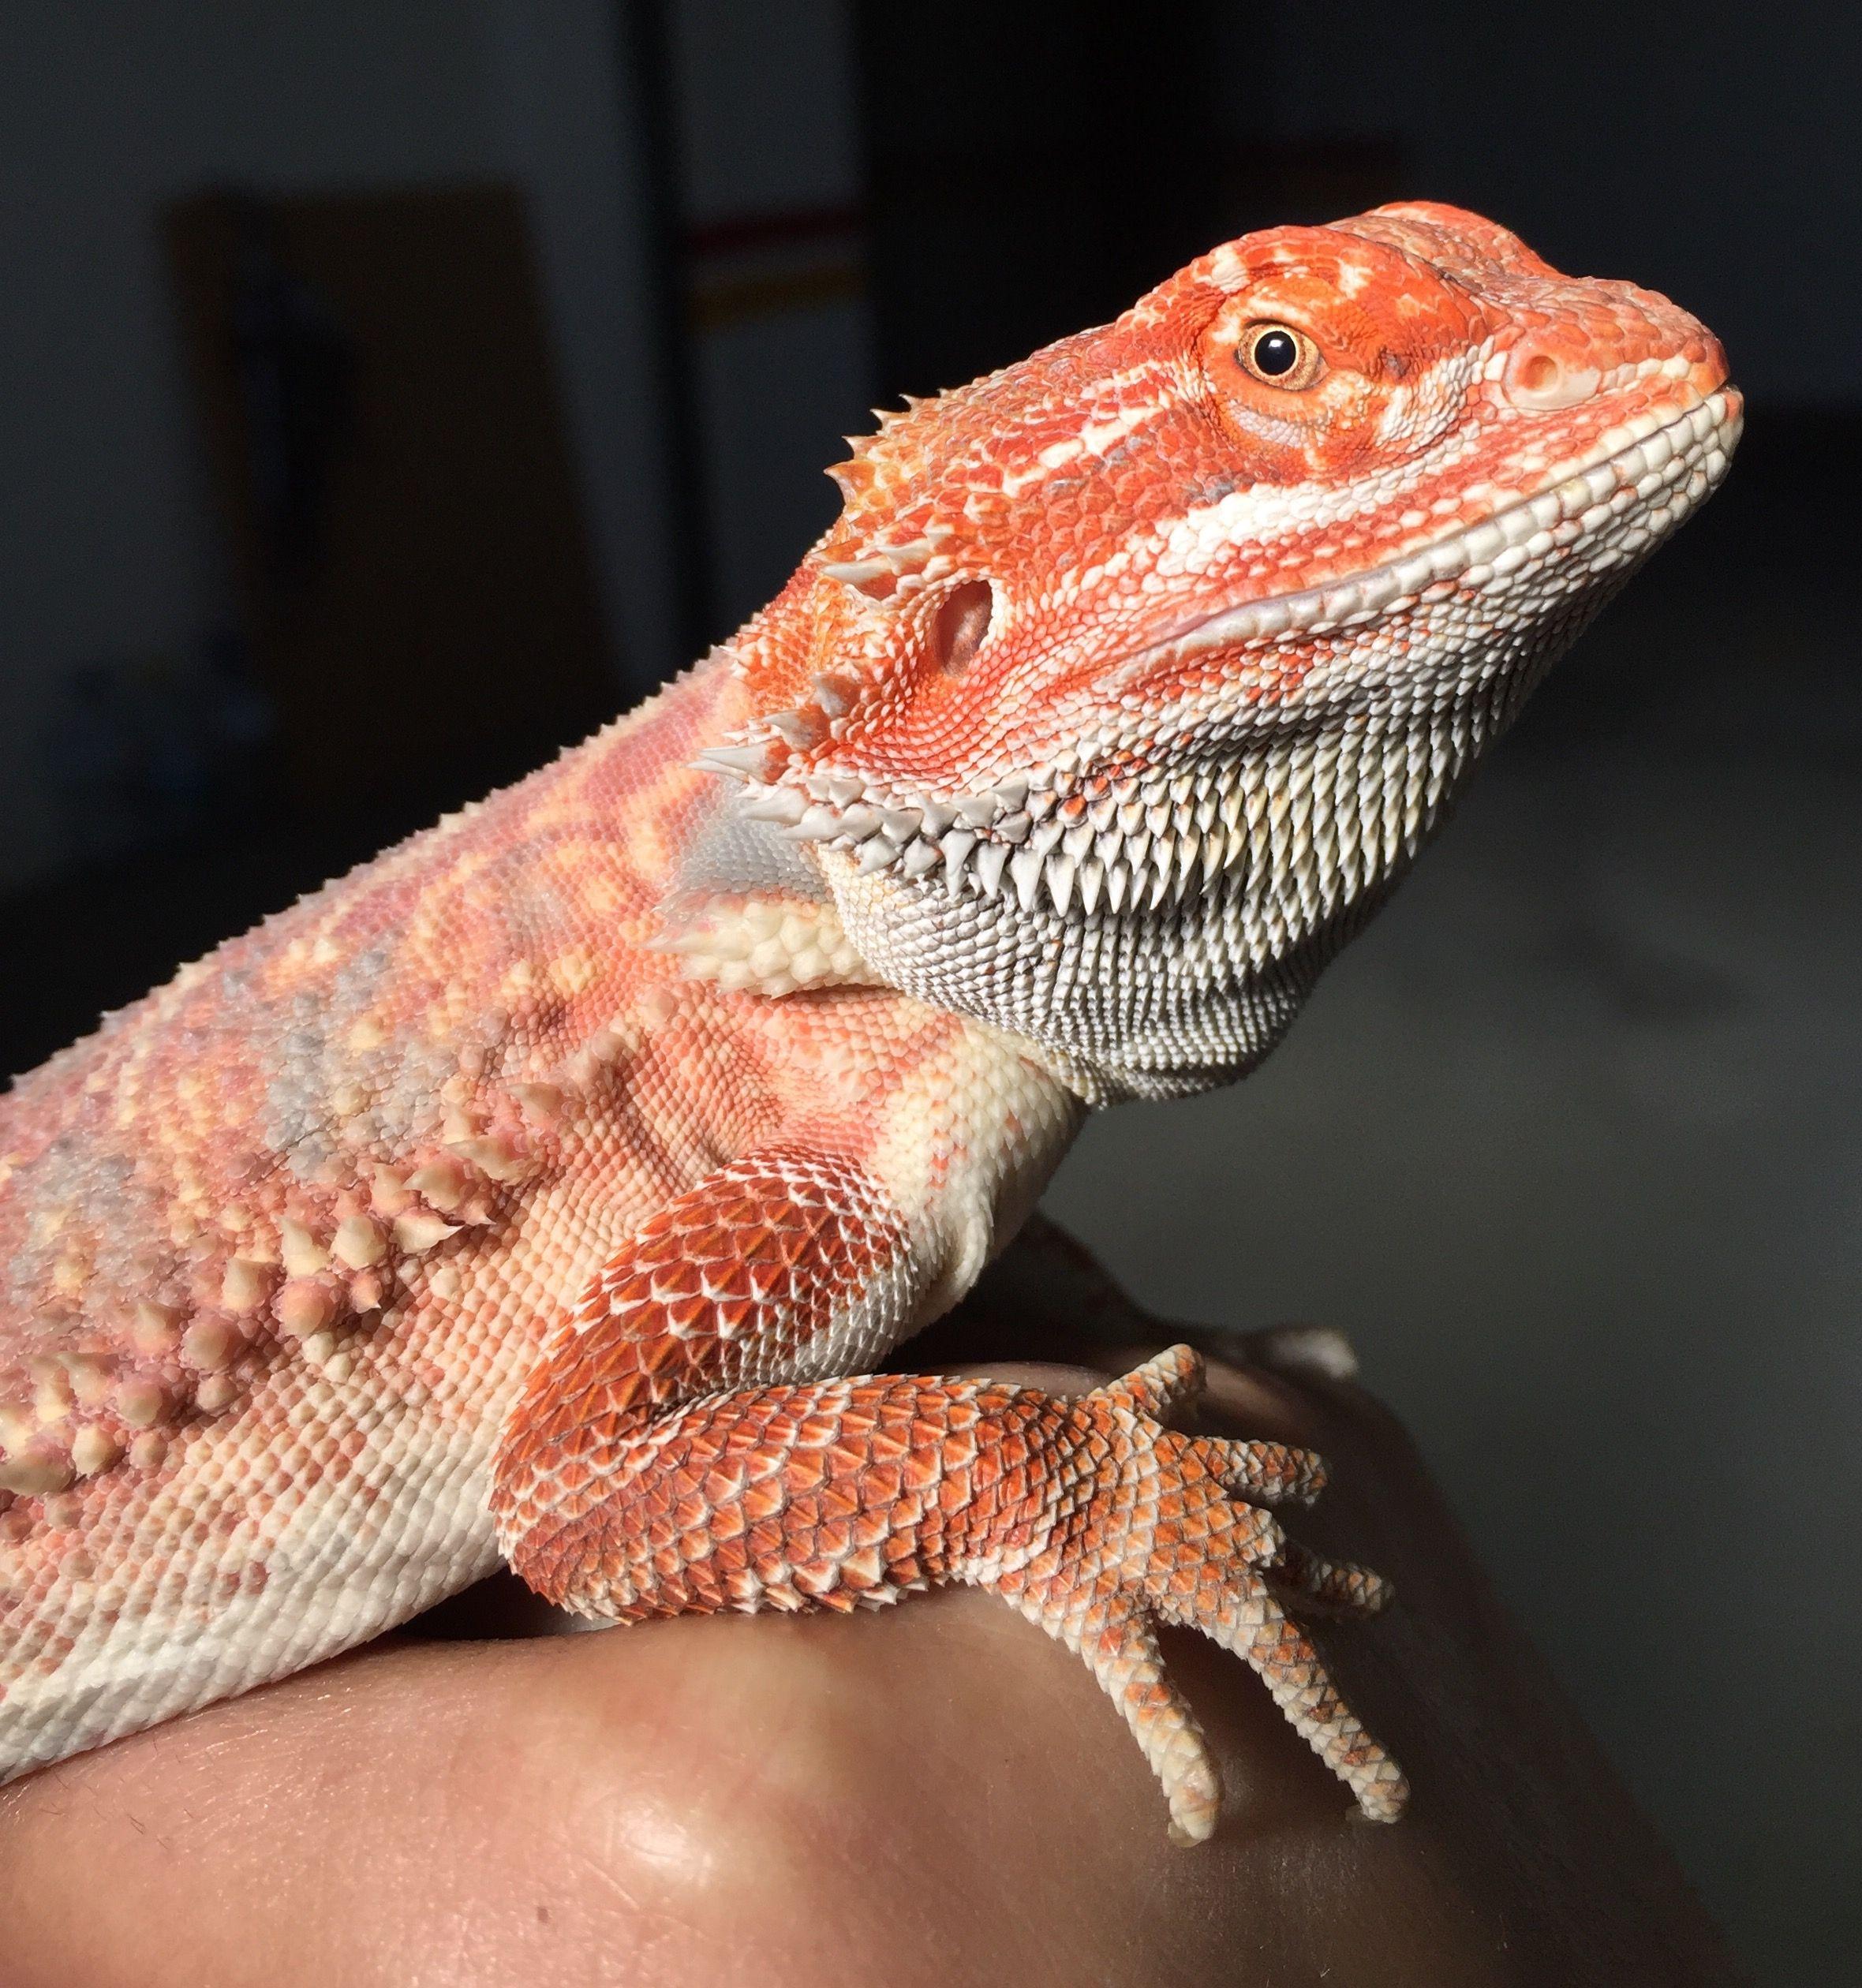 Pink chameleon beardied dragon | lizards | Bearded dragon, Pet